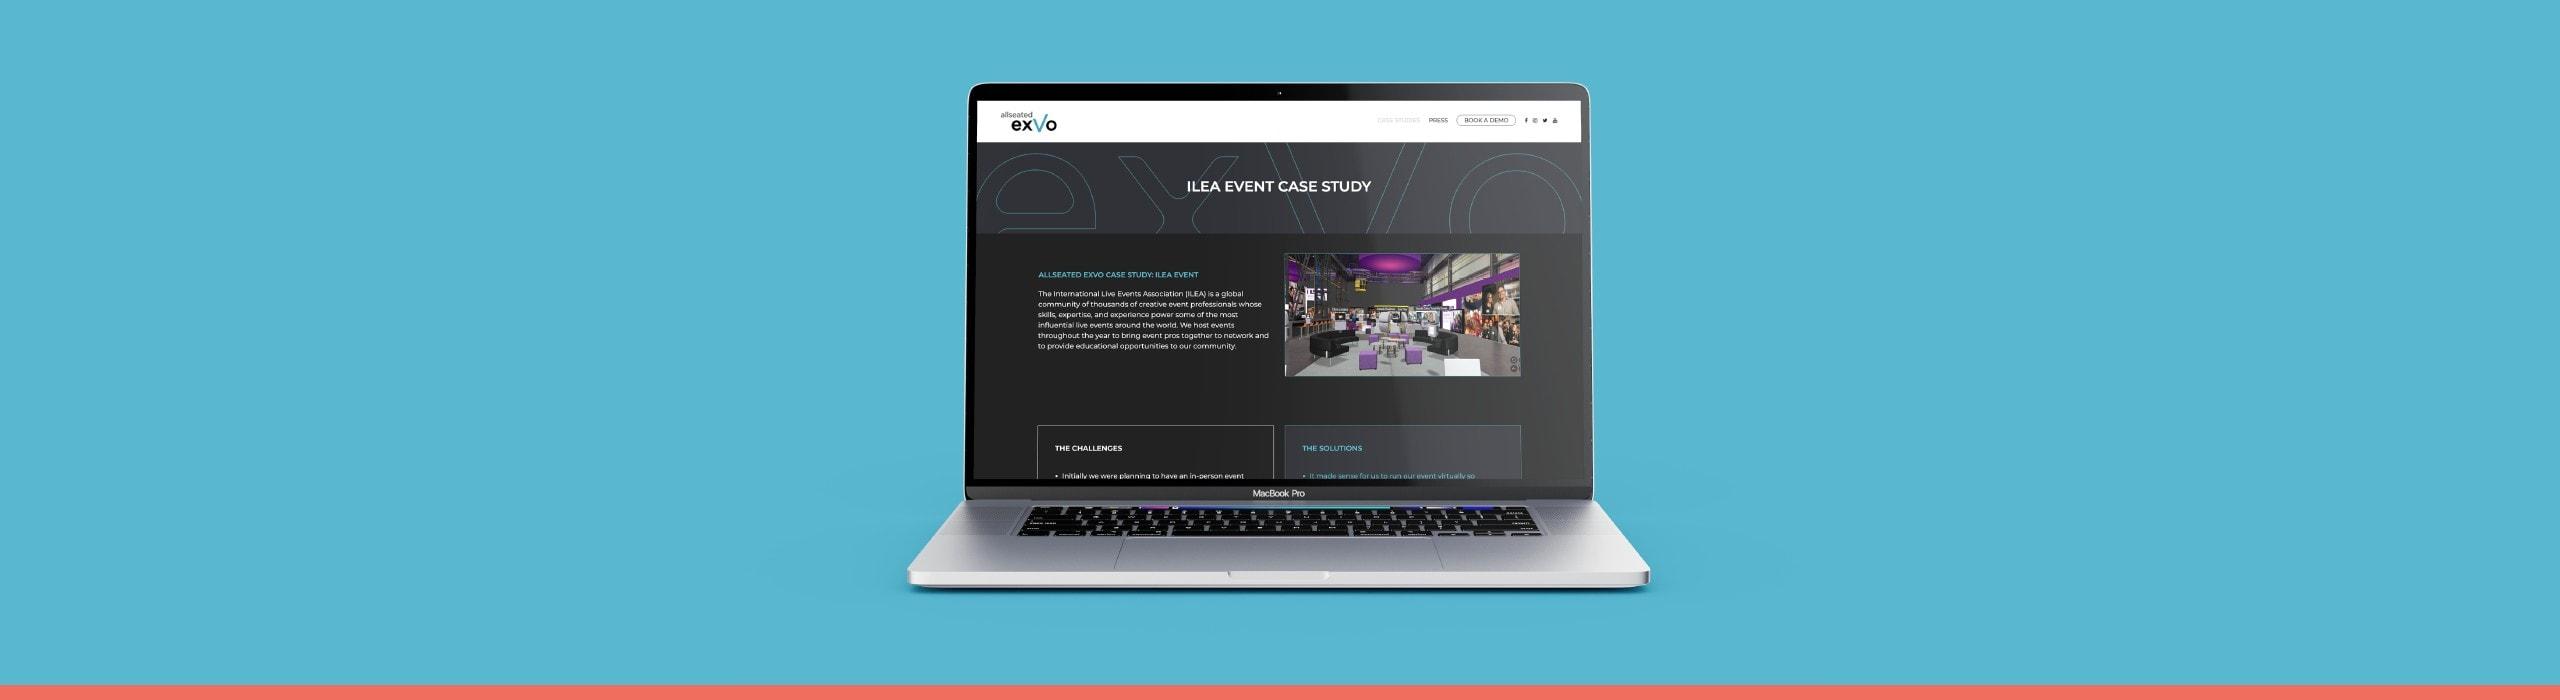 exVo - 09 - Natie Branding Agency